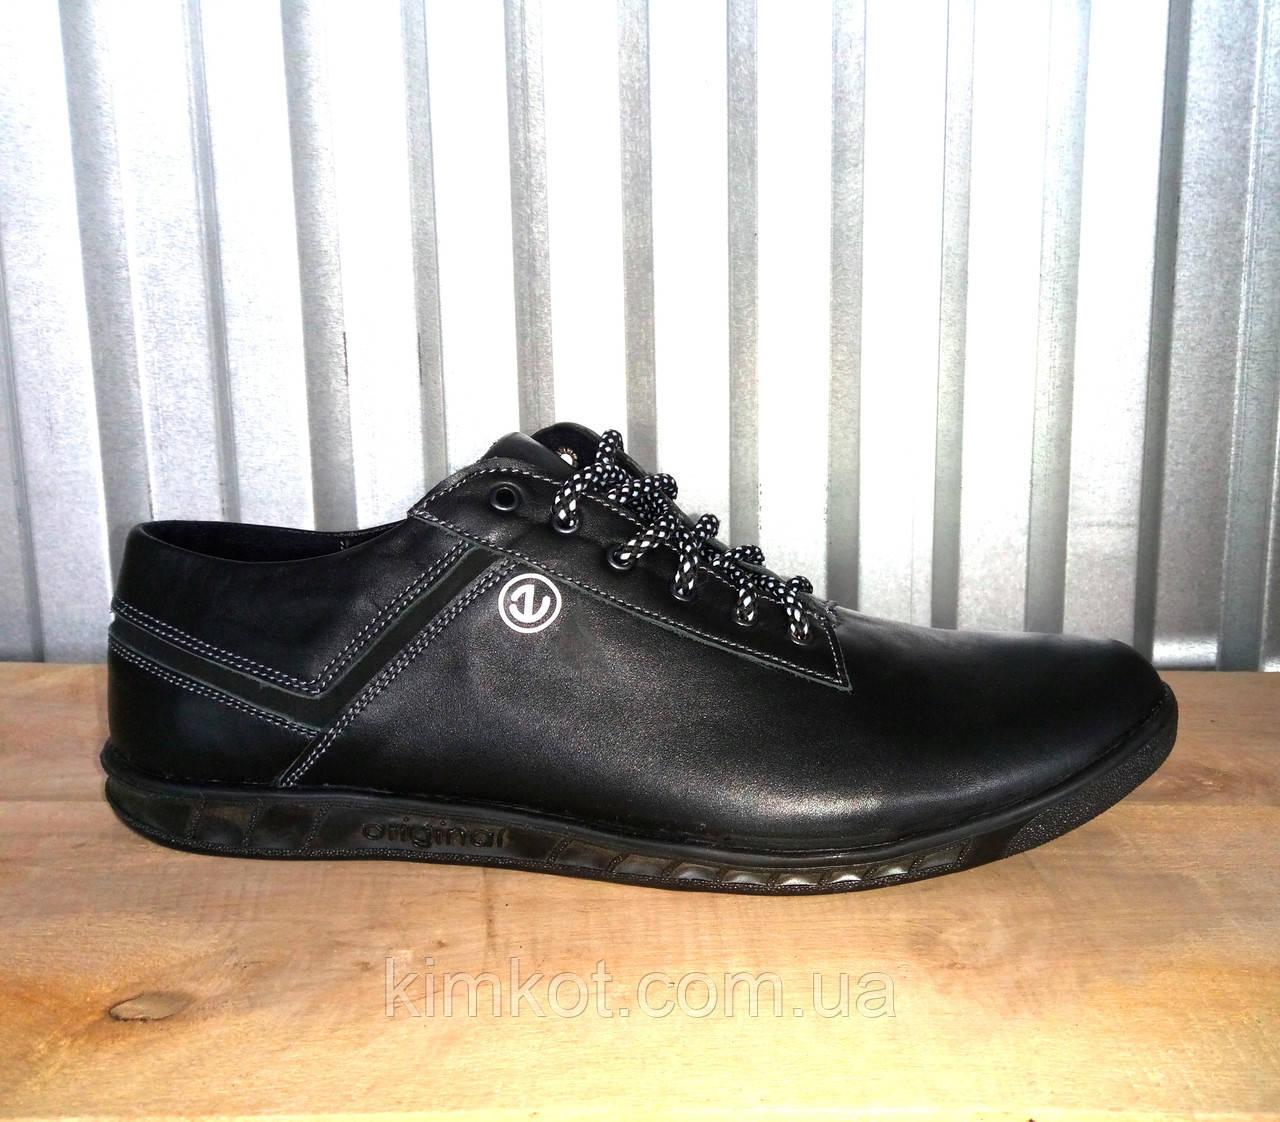 Мужские кожаные кроссовки кеды ECCO большие размеры 46-48 р-р - Интернет- 40597ccfc66bc